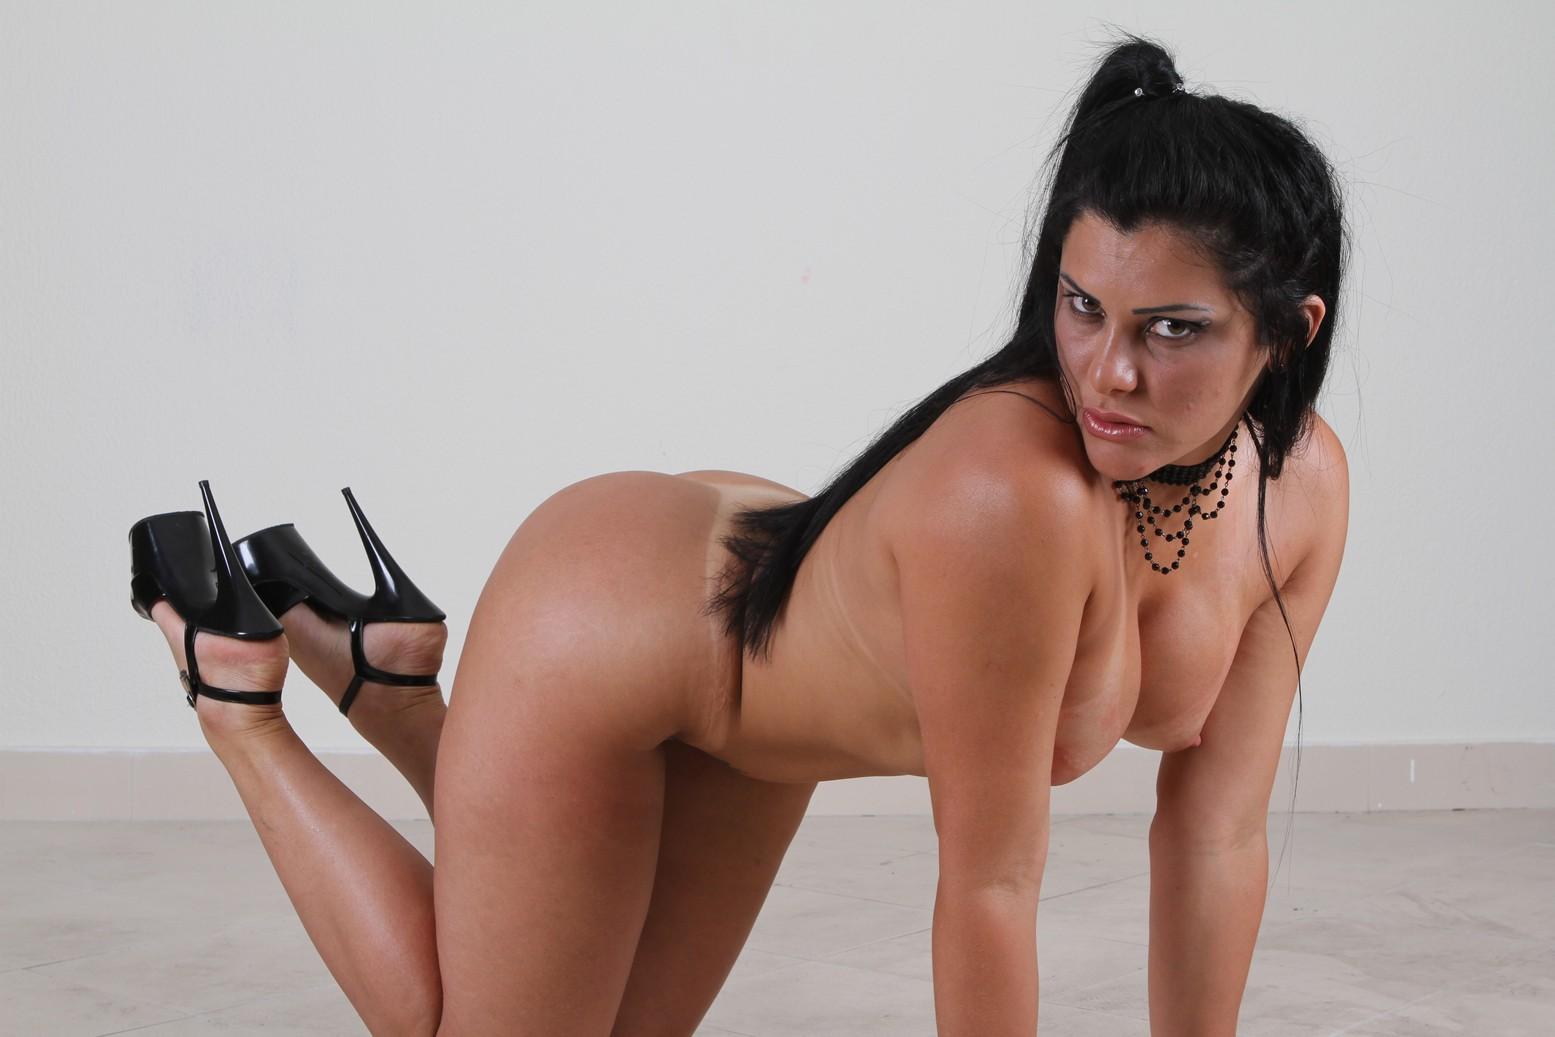 fotos das atrizes porno tugas do filme pornografico algarve anal 18